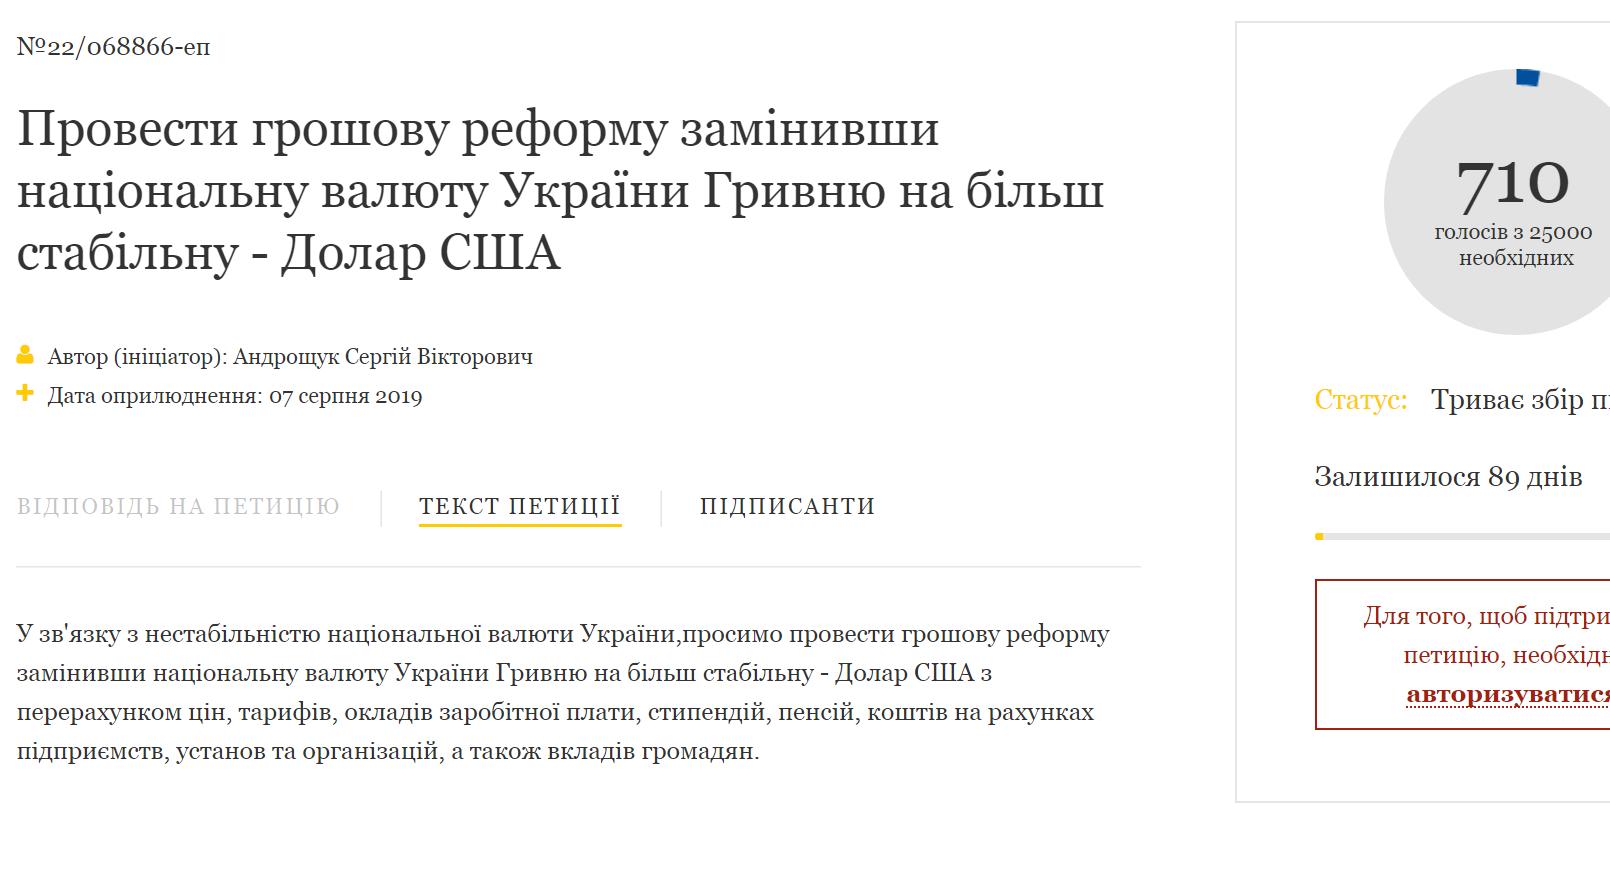 Українці запропонували Зеленському змінити національну валюту України